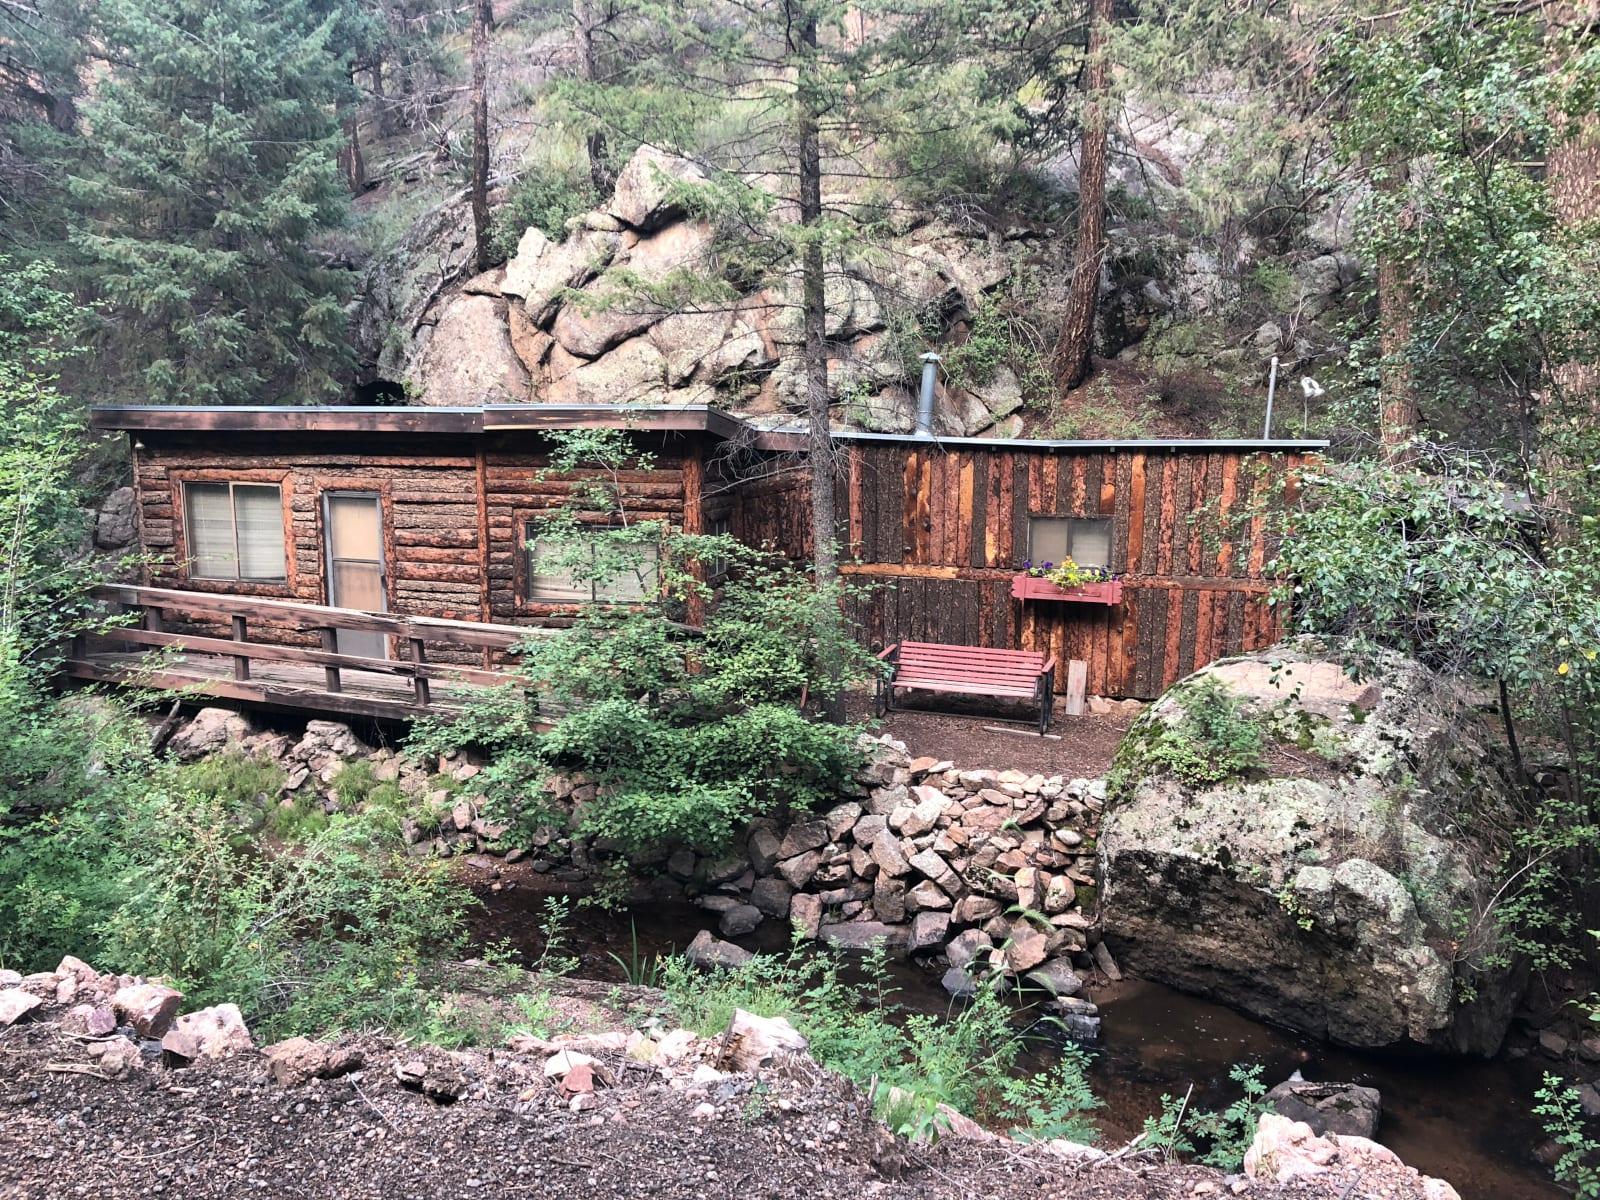 Pine CO Buffalo Creek Cabin